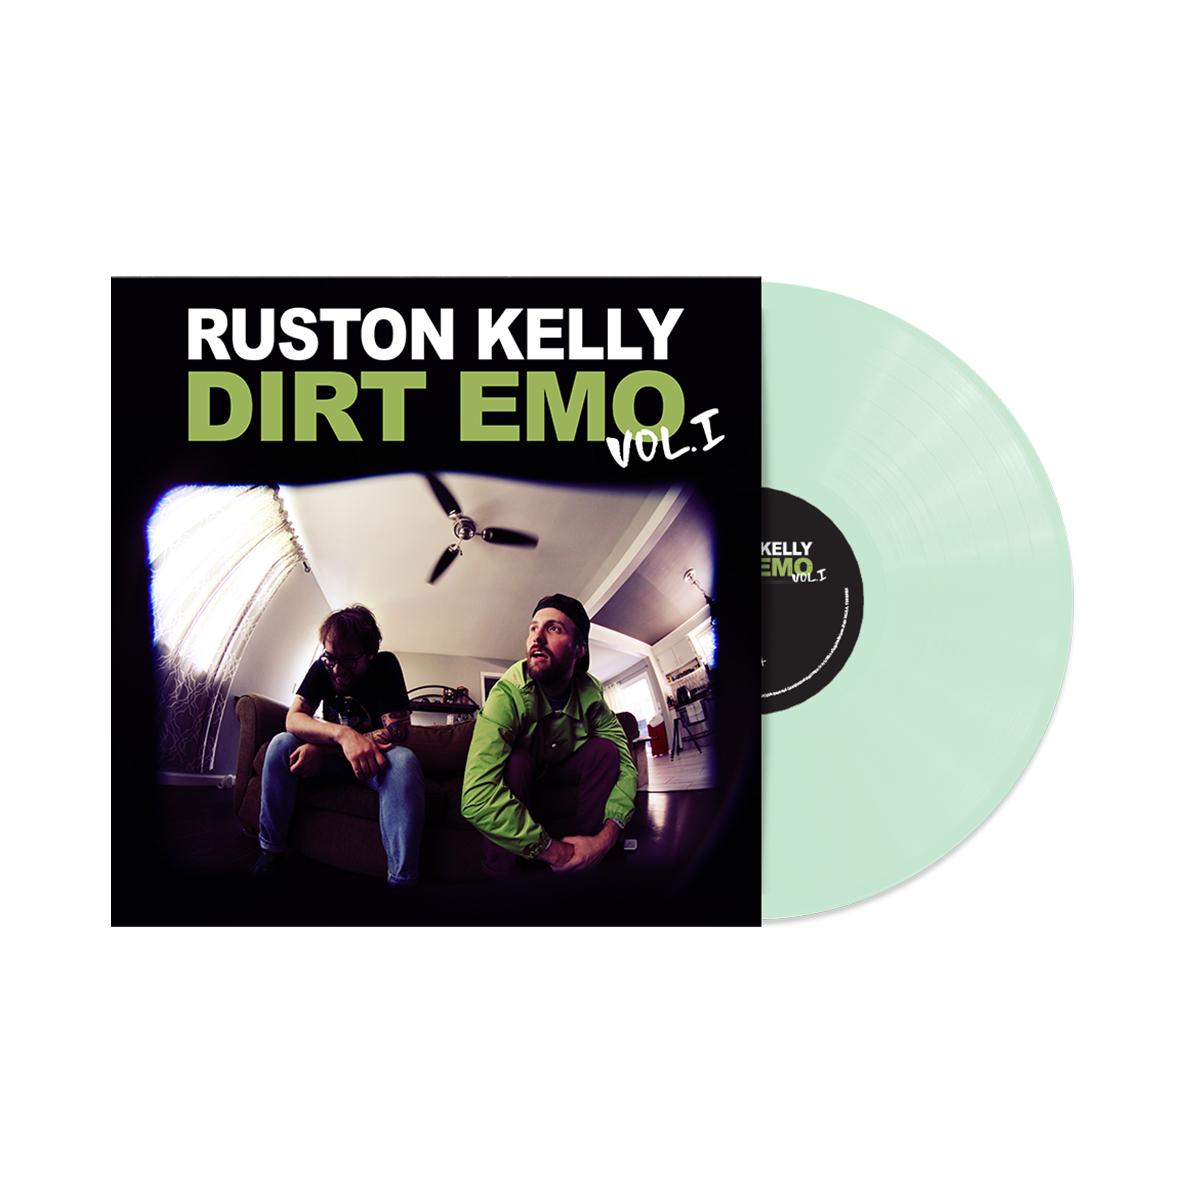 Dirt Emo Black Hoodie + Dirt Emo Vol 1. Glow-in-the-dark Vinyl or Download (optional)